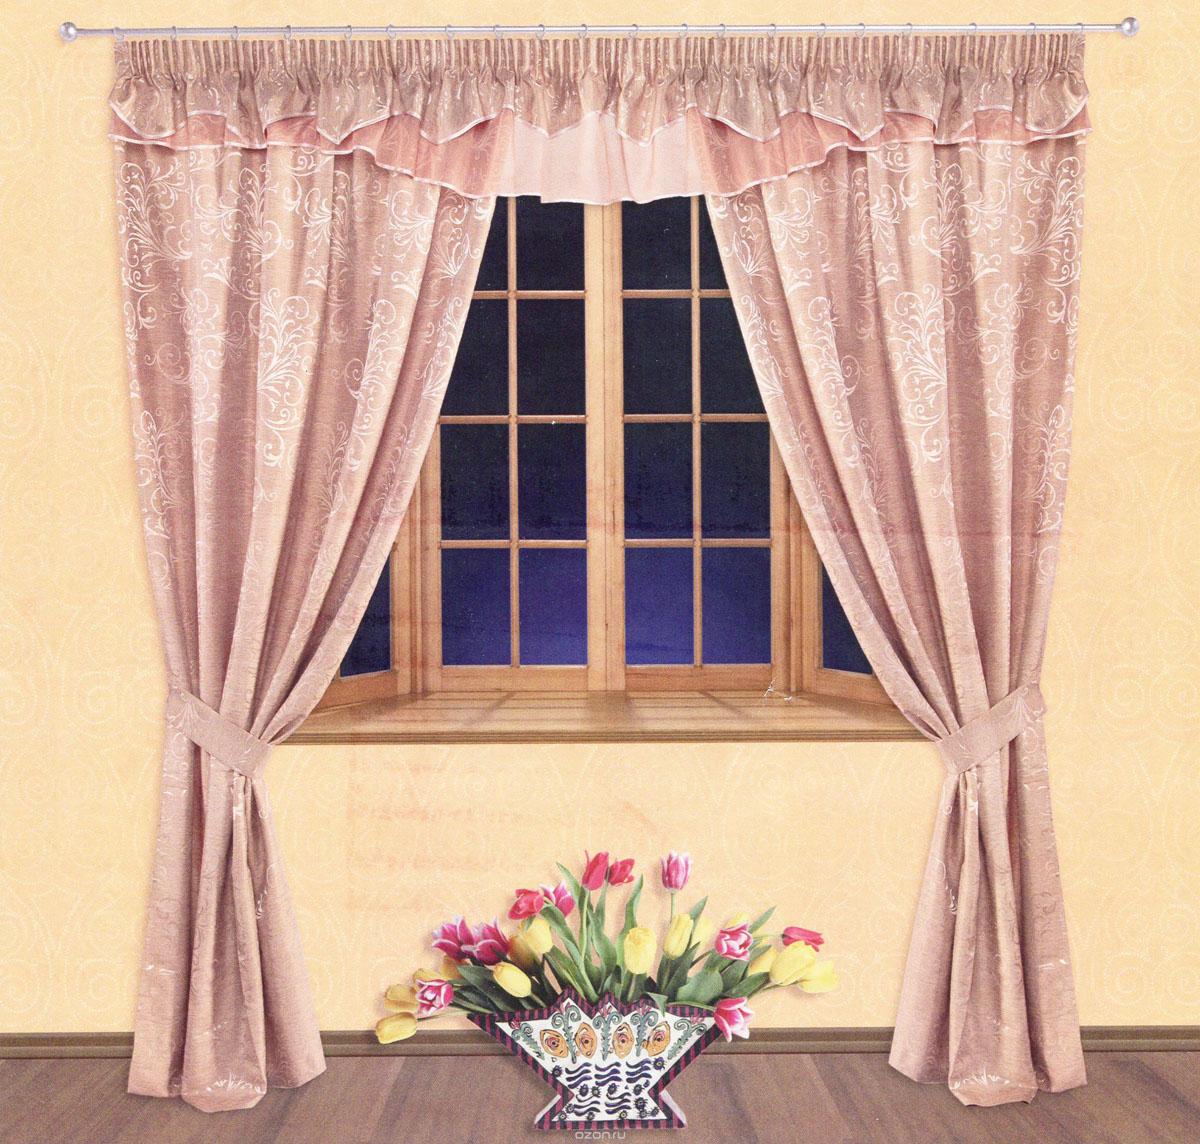 Комплект штор Zlata Korunka, на ленте, цвет: бледно-розовый, высота 250 см. 5552610503Роскошный комплект штор Zlata Korunka, выполненный из сатина, жаккарда и вуали (100% полиэстера), великолепно украсит любое окно. Комплект состоит из двух портьер, ламбрекена и двух подхватов. Сочетание плотной и полупрозрачной тонкой ткани, оригинальный орнамент и приятная, приглушенная гамма привлекут к себе внимание и органично впишутся в интерьер помещения. Комплект крепится на карниз при помощи шторной ленты, которая поможет красиво и равномерно задрапировать верх. Портьеры можно зафиксировать в одном положении с помощью двух подхватов. Этот комплект будет долгое время радовать вас и вашу семью! В комплект входит: Портьера: 2 шт. Размер (ШхВ): 140 см х 250 см. Ламбрекен: 1 шт. Размер (ШхВ): 400 см х 50 см.Подхват: 2 шт. Размер (ШхВ): 60 см х 10 см.